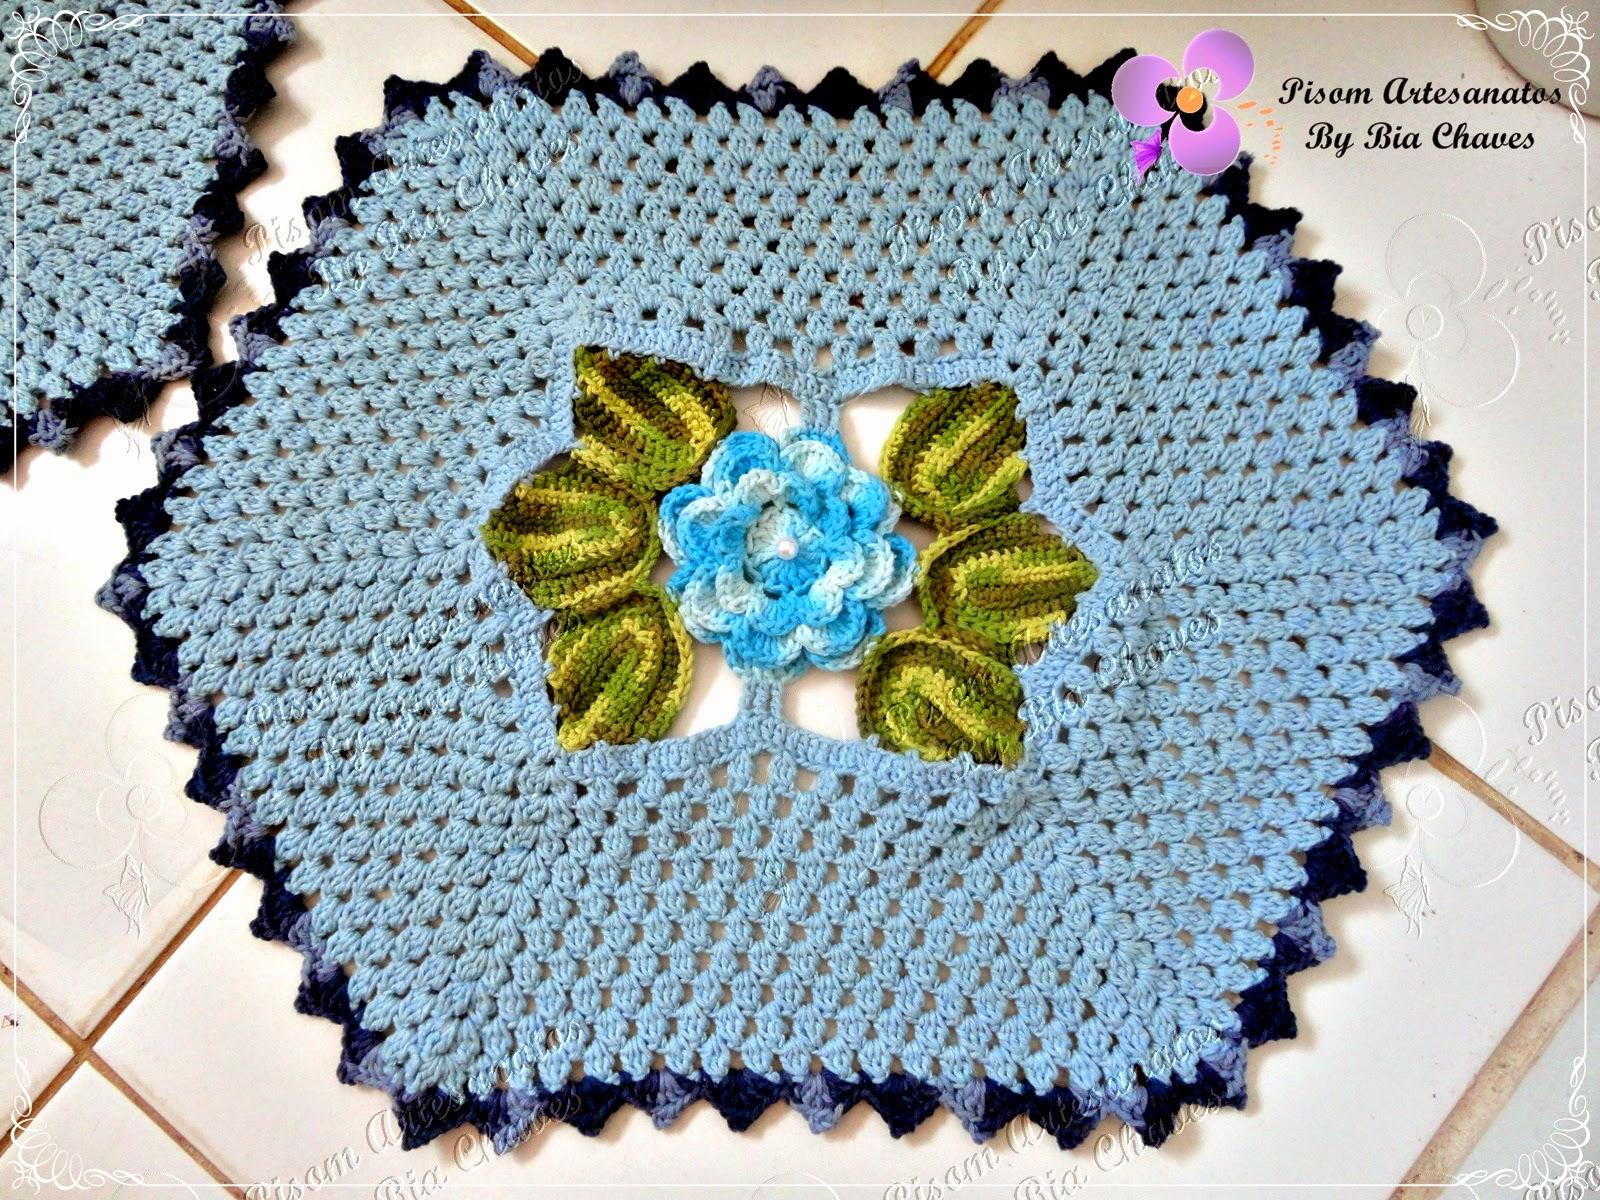 Pisom Artesanatos By Bia Chaves: Jogo de Banheiro Charme Azul #797423 1600x1200 Banheiro Com Detalhes Azul